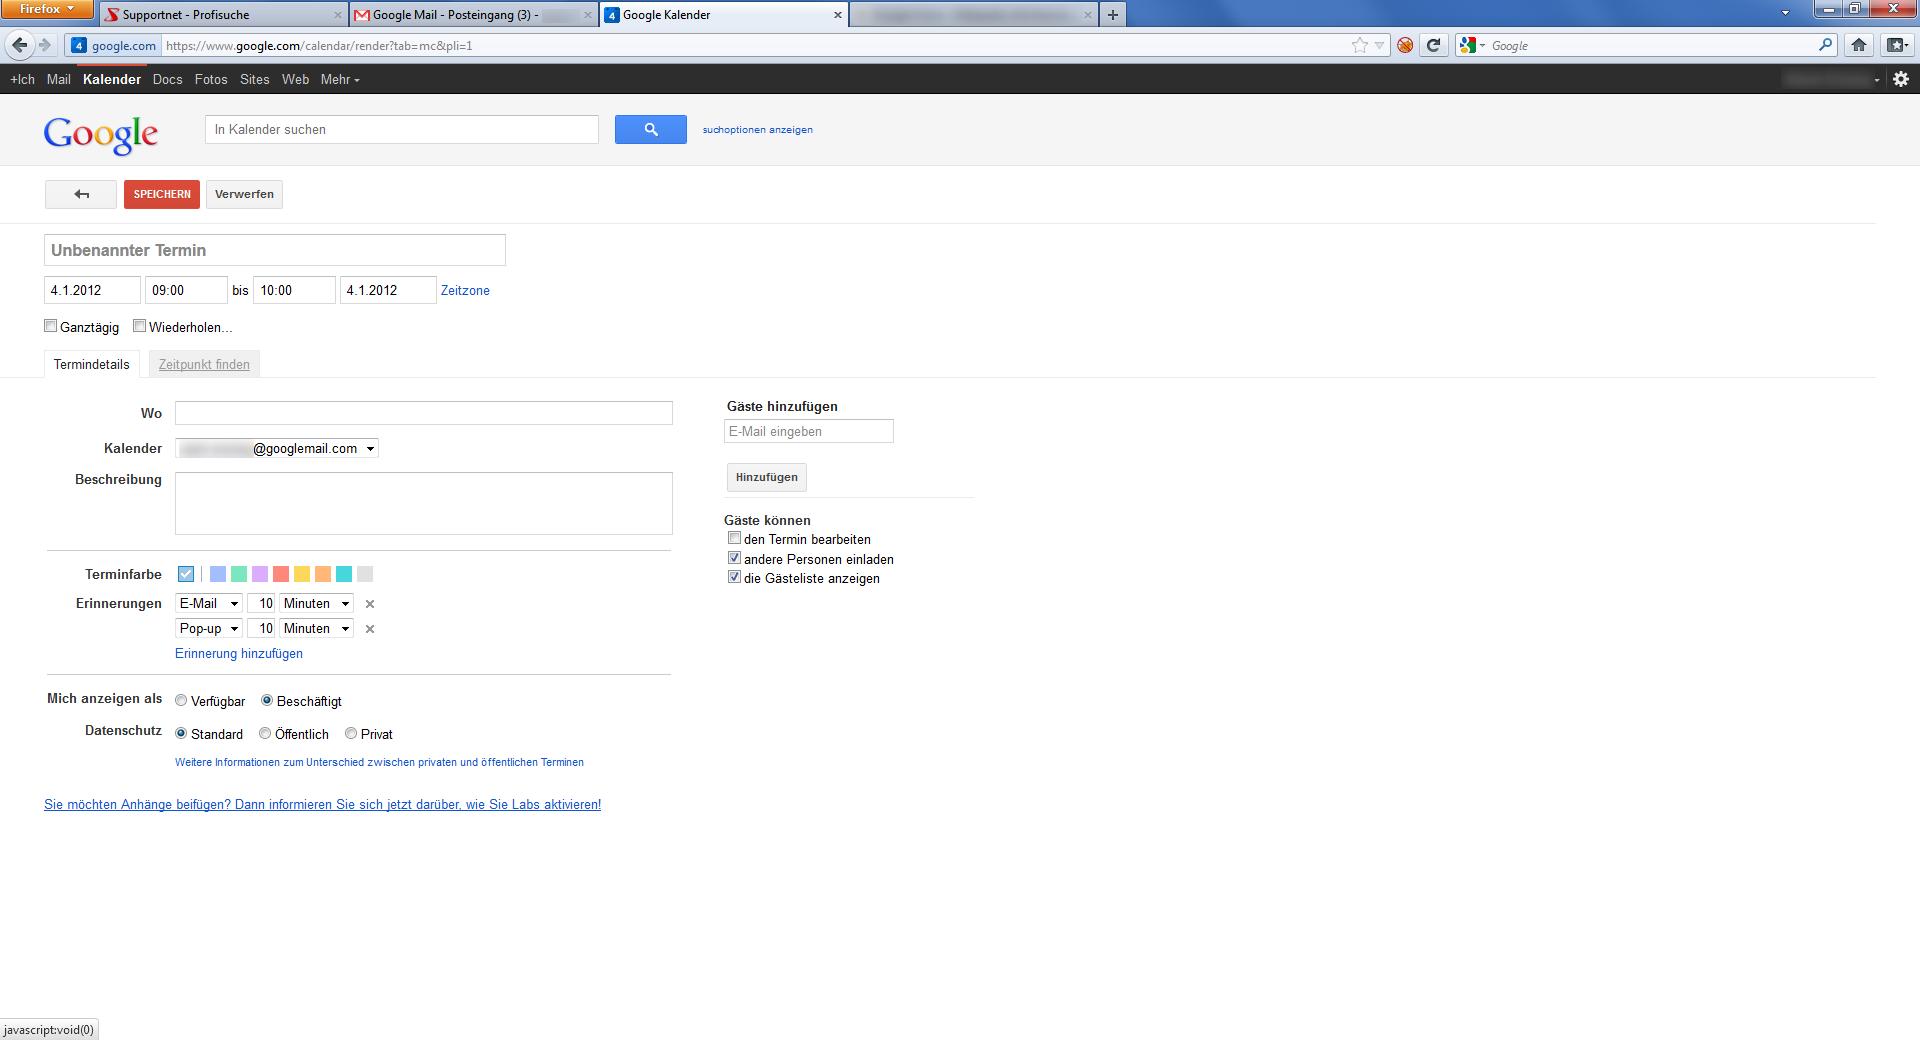 03-der-kostenlose-google-kalender-termin-bearbeiten-470.png?nocache=1325674682860